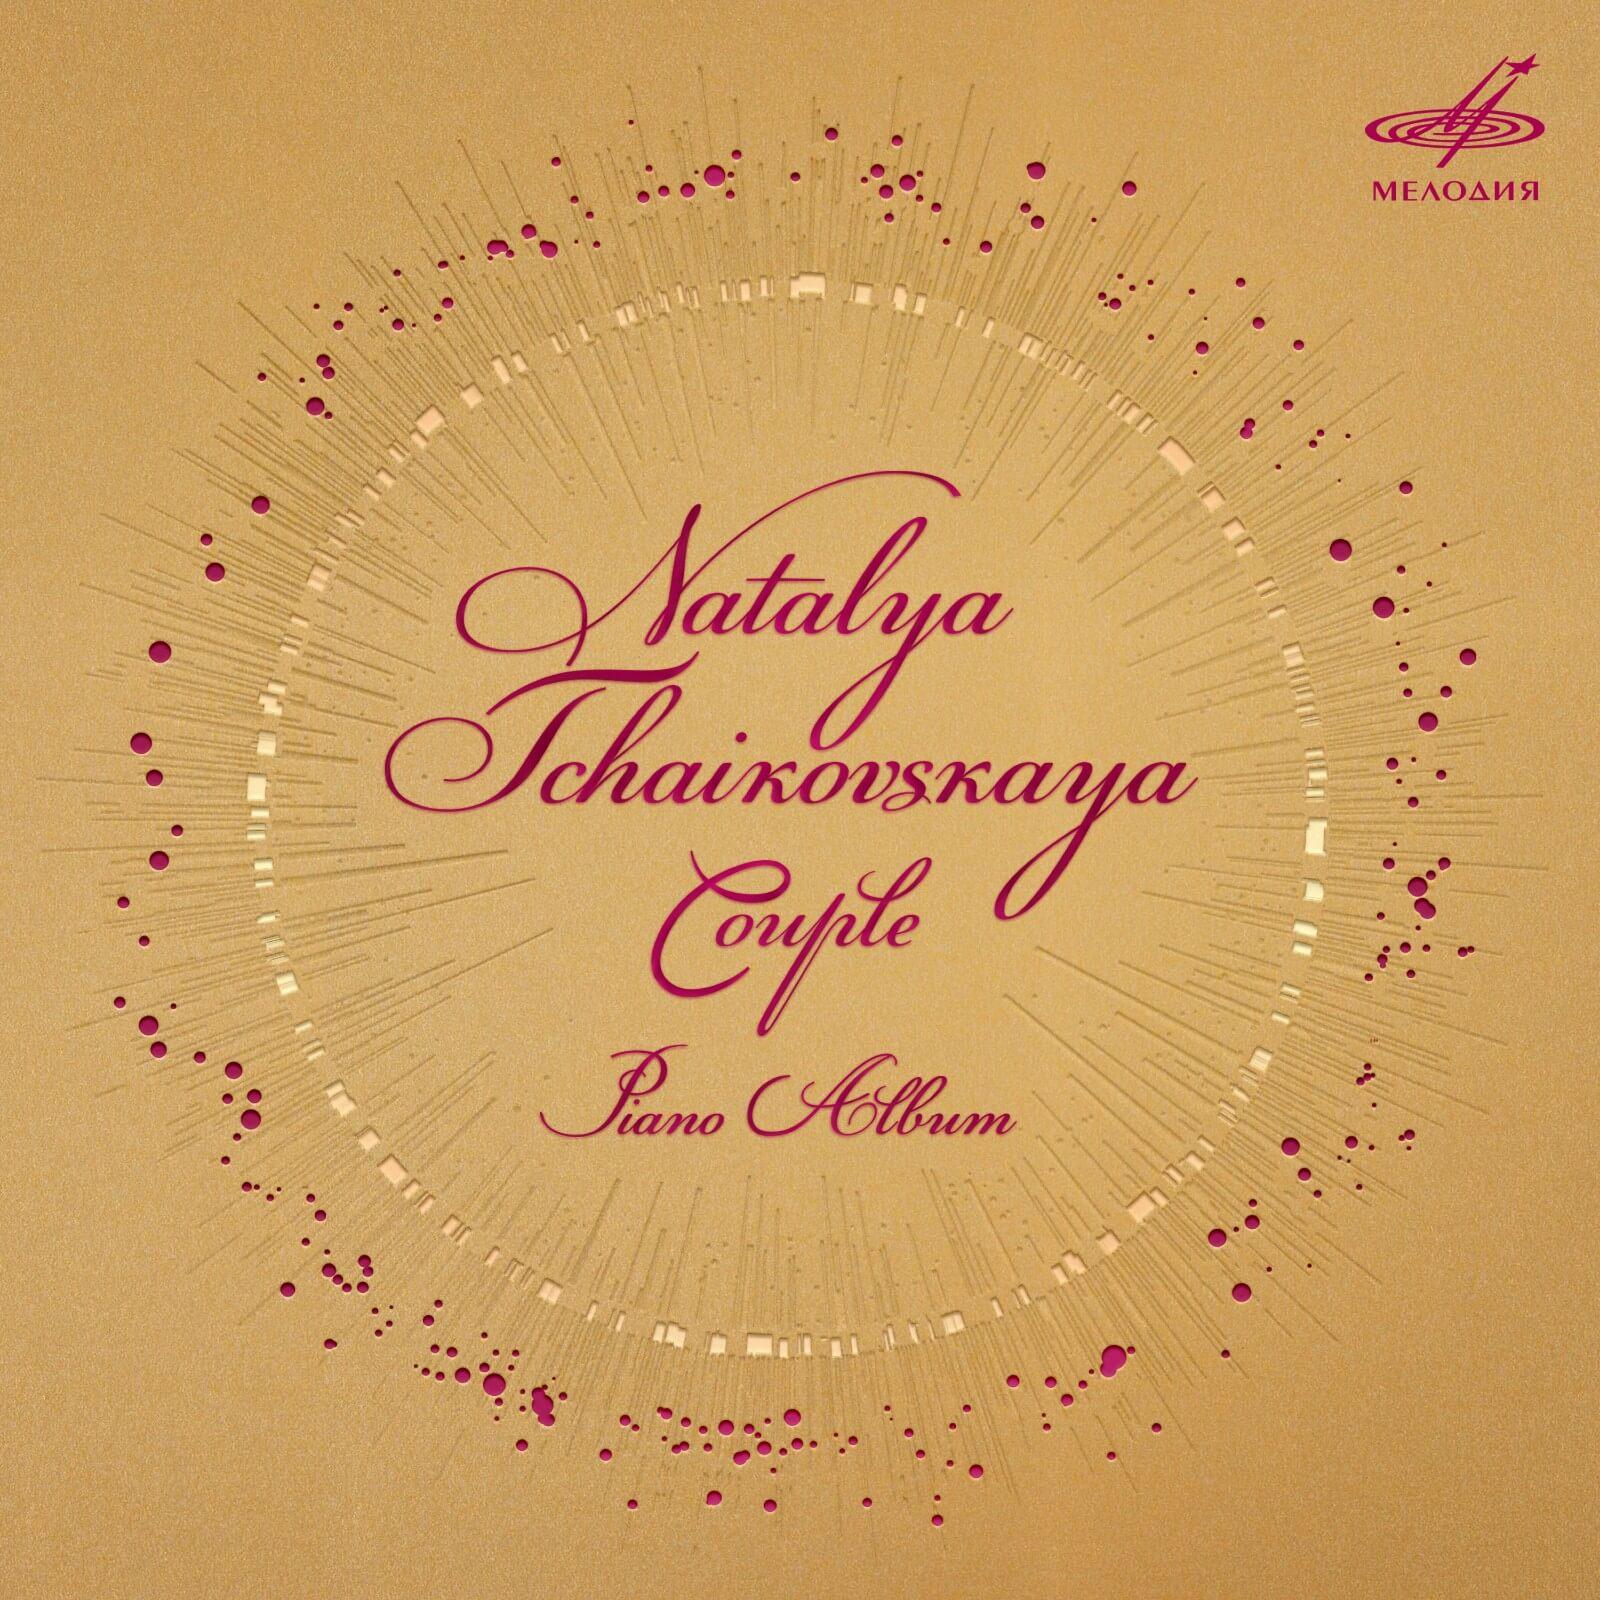 Готовится к выходу фортепианная версия альбома Натальи Чайковской «Двое»